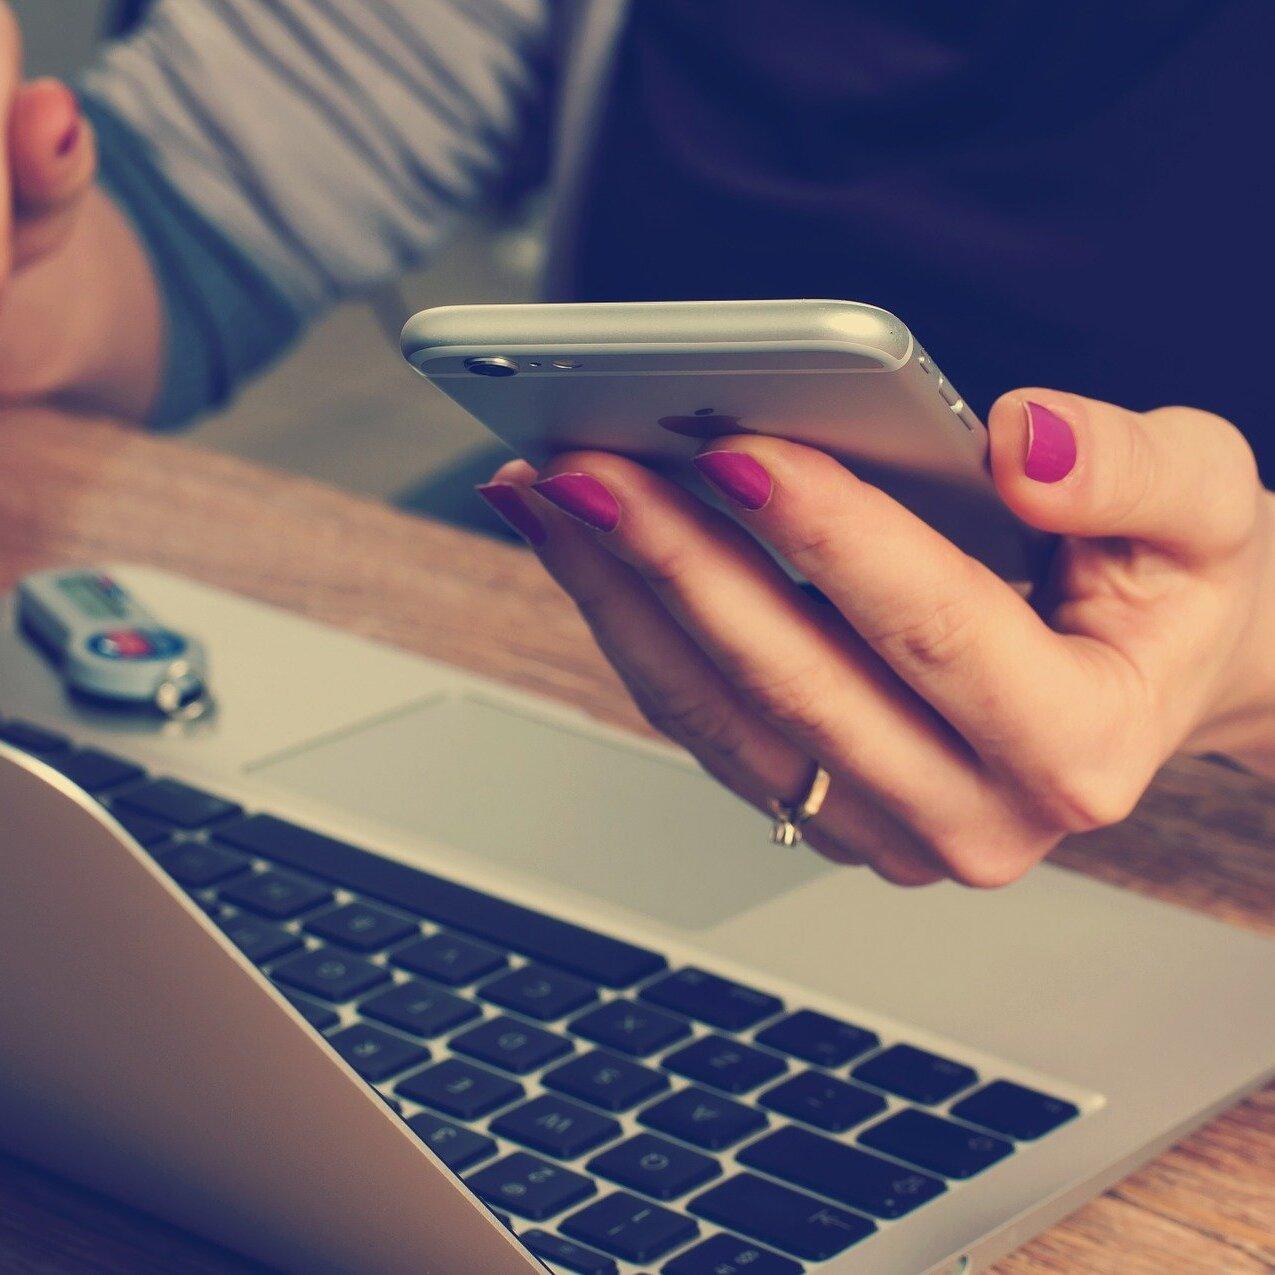 Belasten elektronische Geräte unsere Gesundheit?